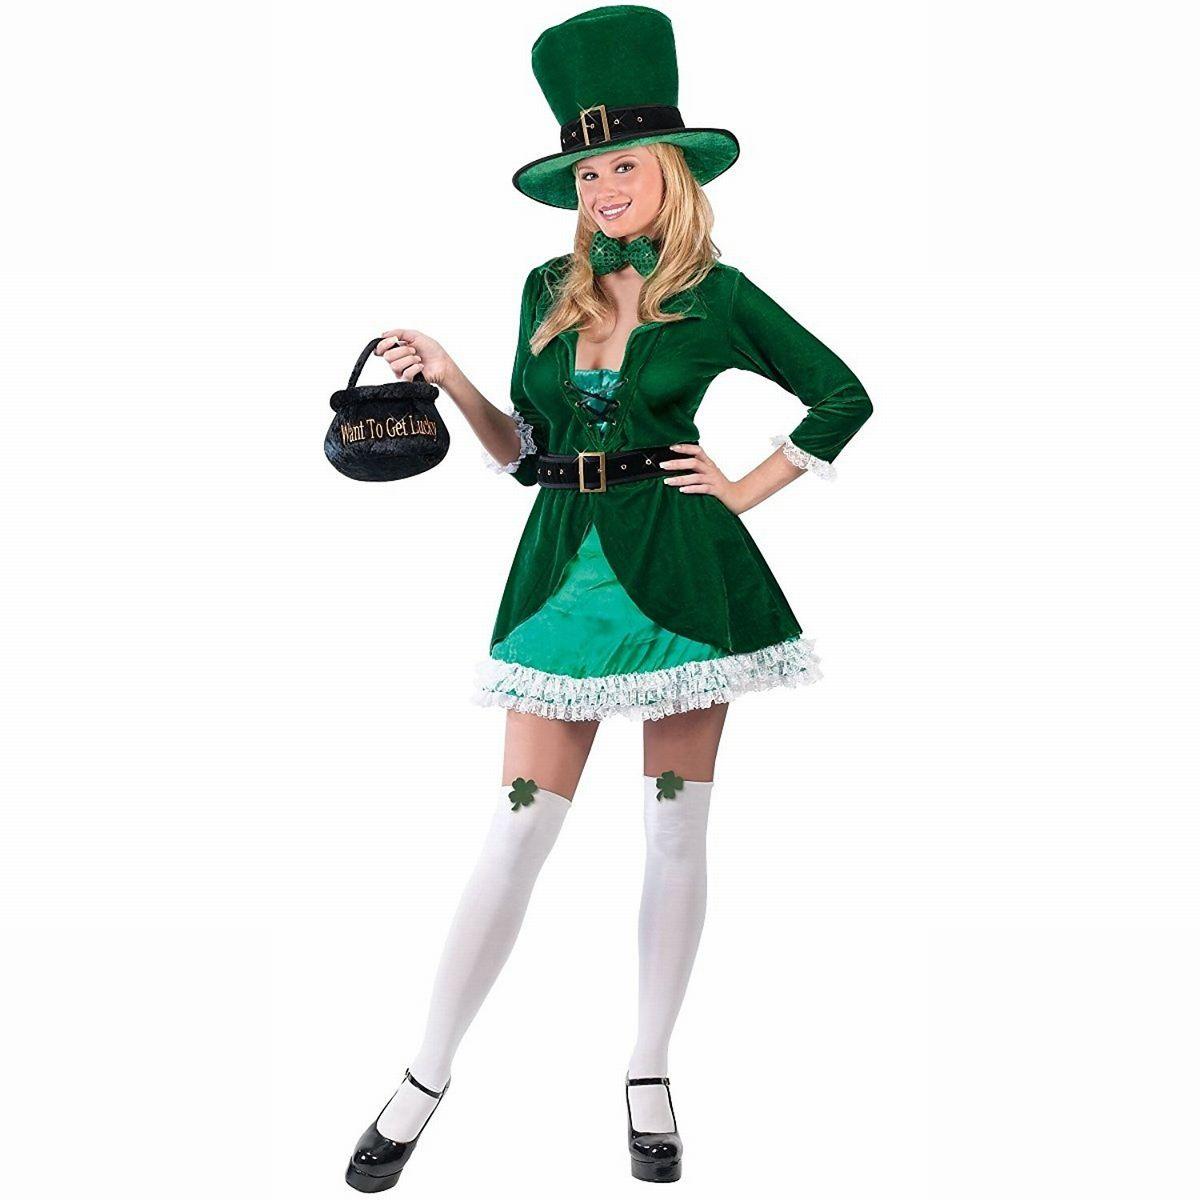 セクシー レプラコーン コスチューム セントパトリックスデー コスプレ 仮装 大人 女性 レディース アイルランド 民族衣装 聖パトリックの祝日